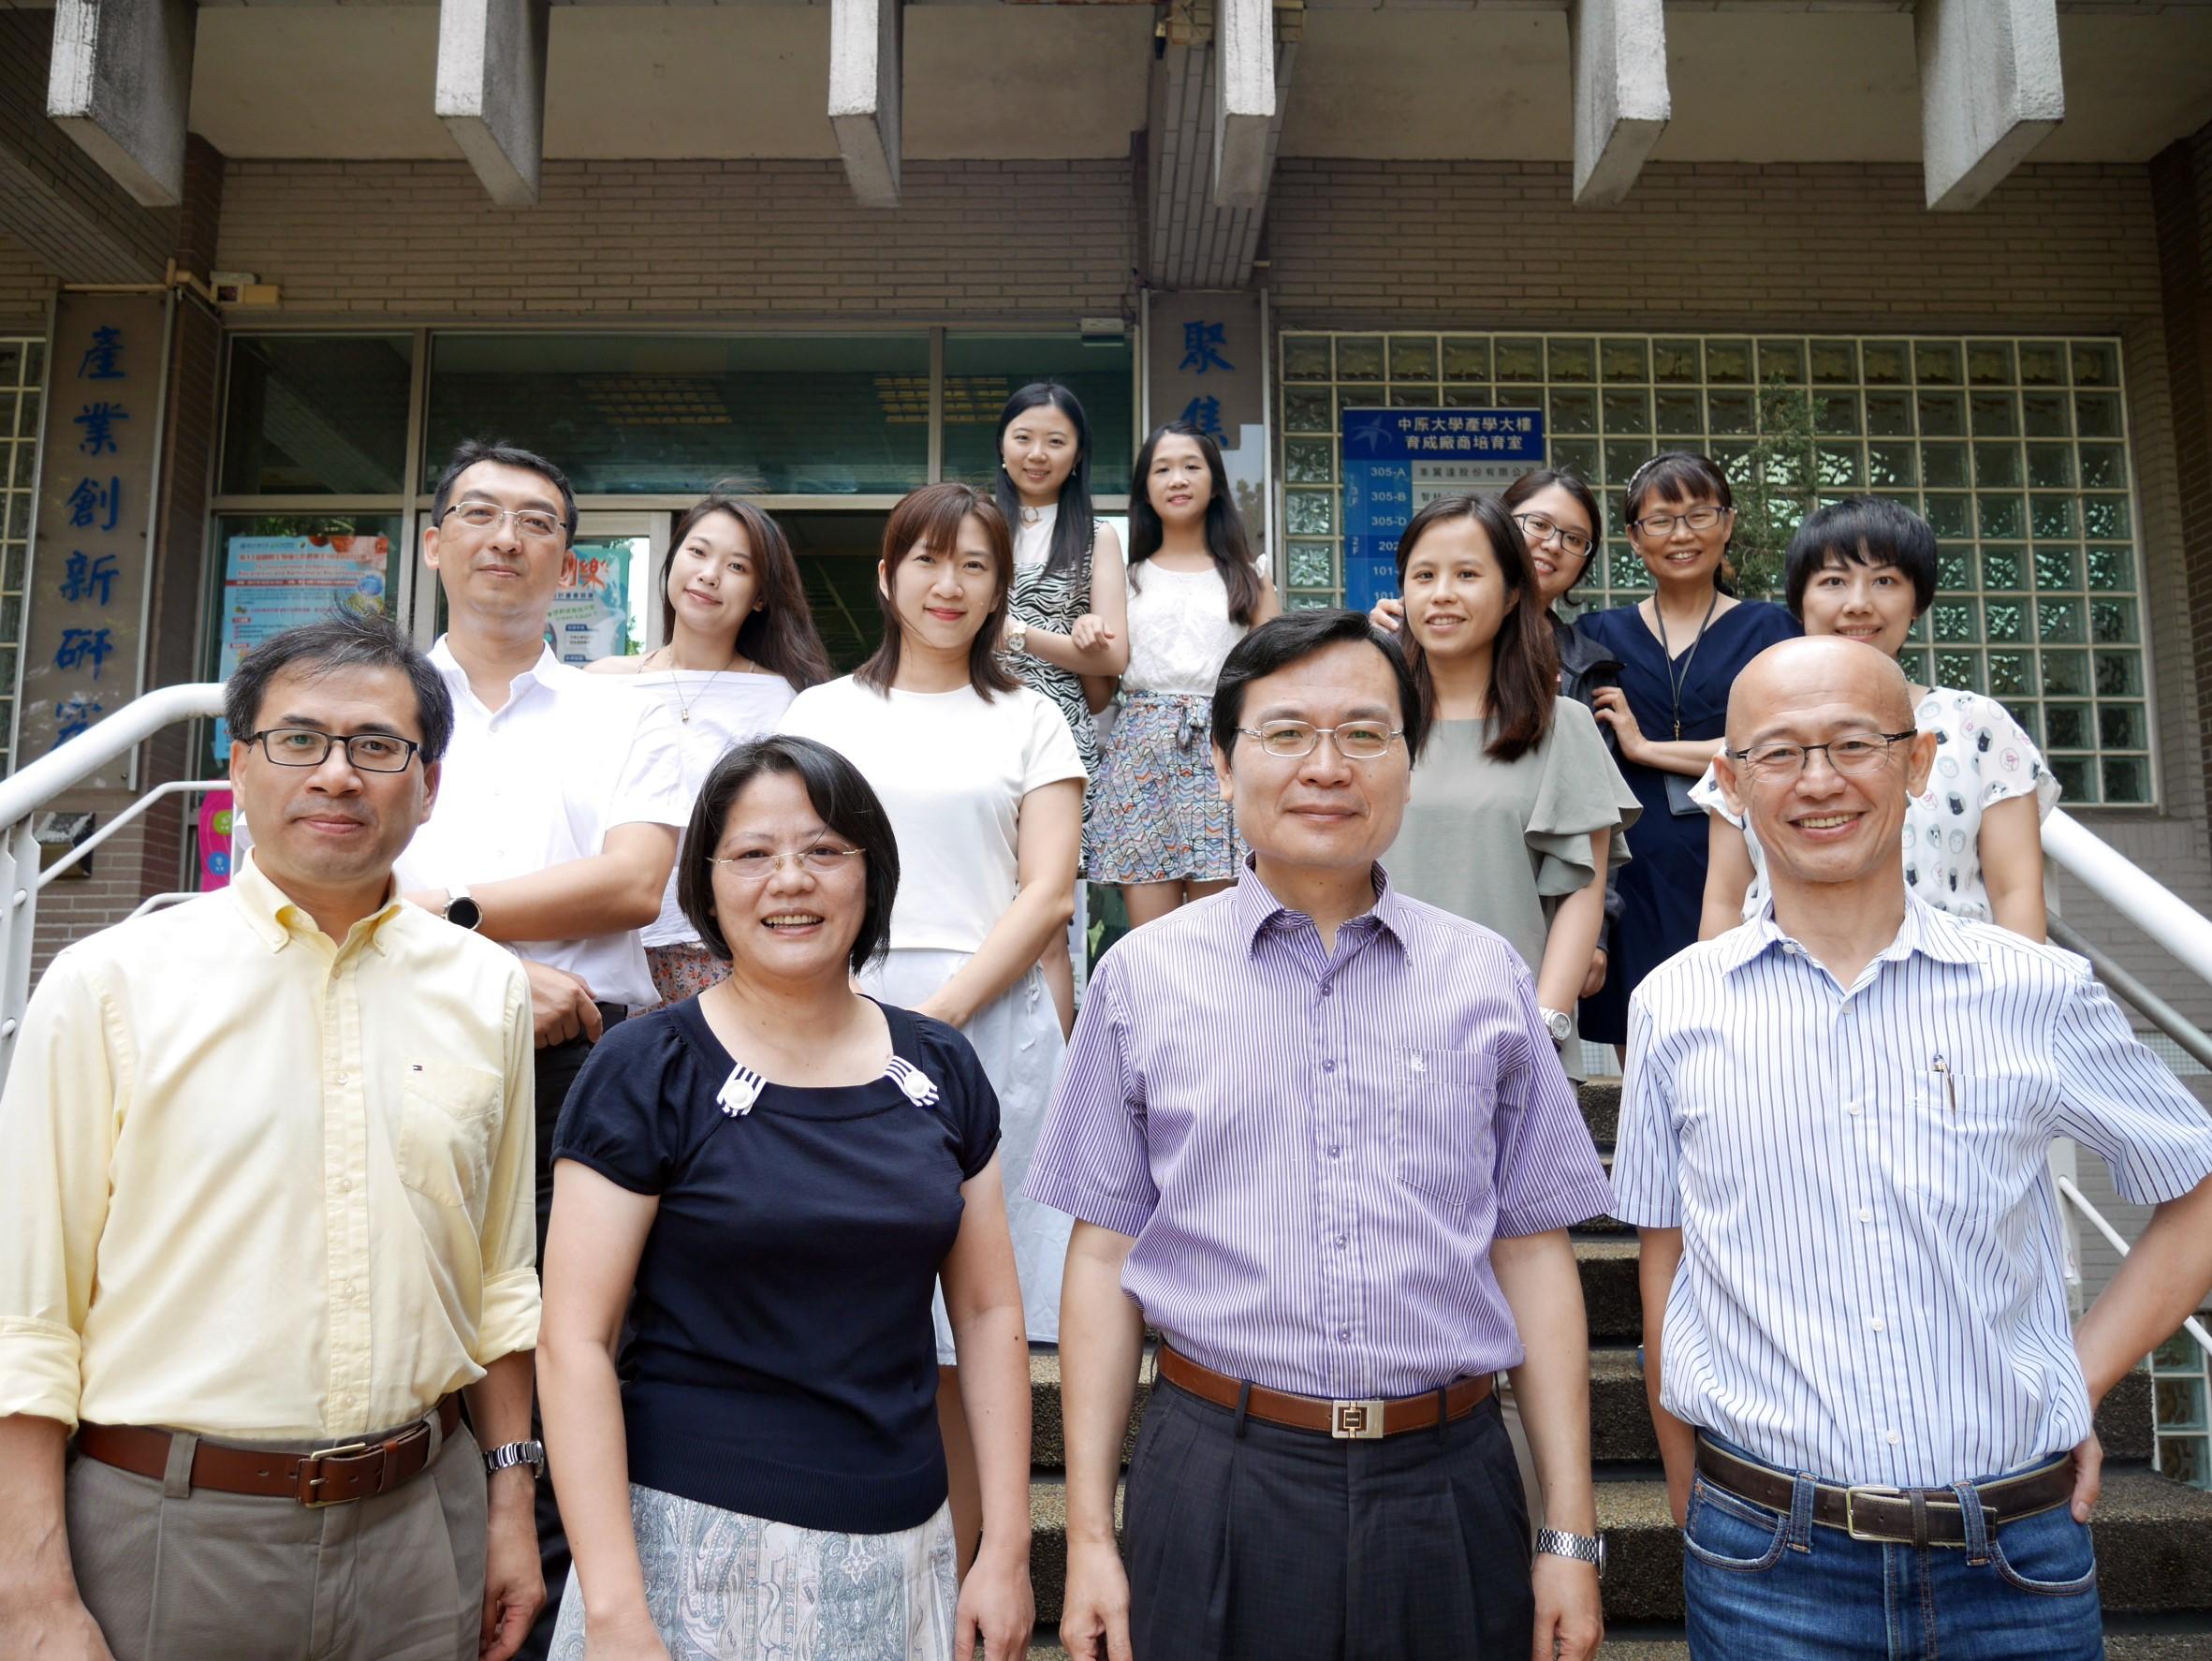 【經濟日報】中原大學創新育成中心 連七年獲績優